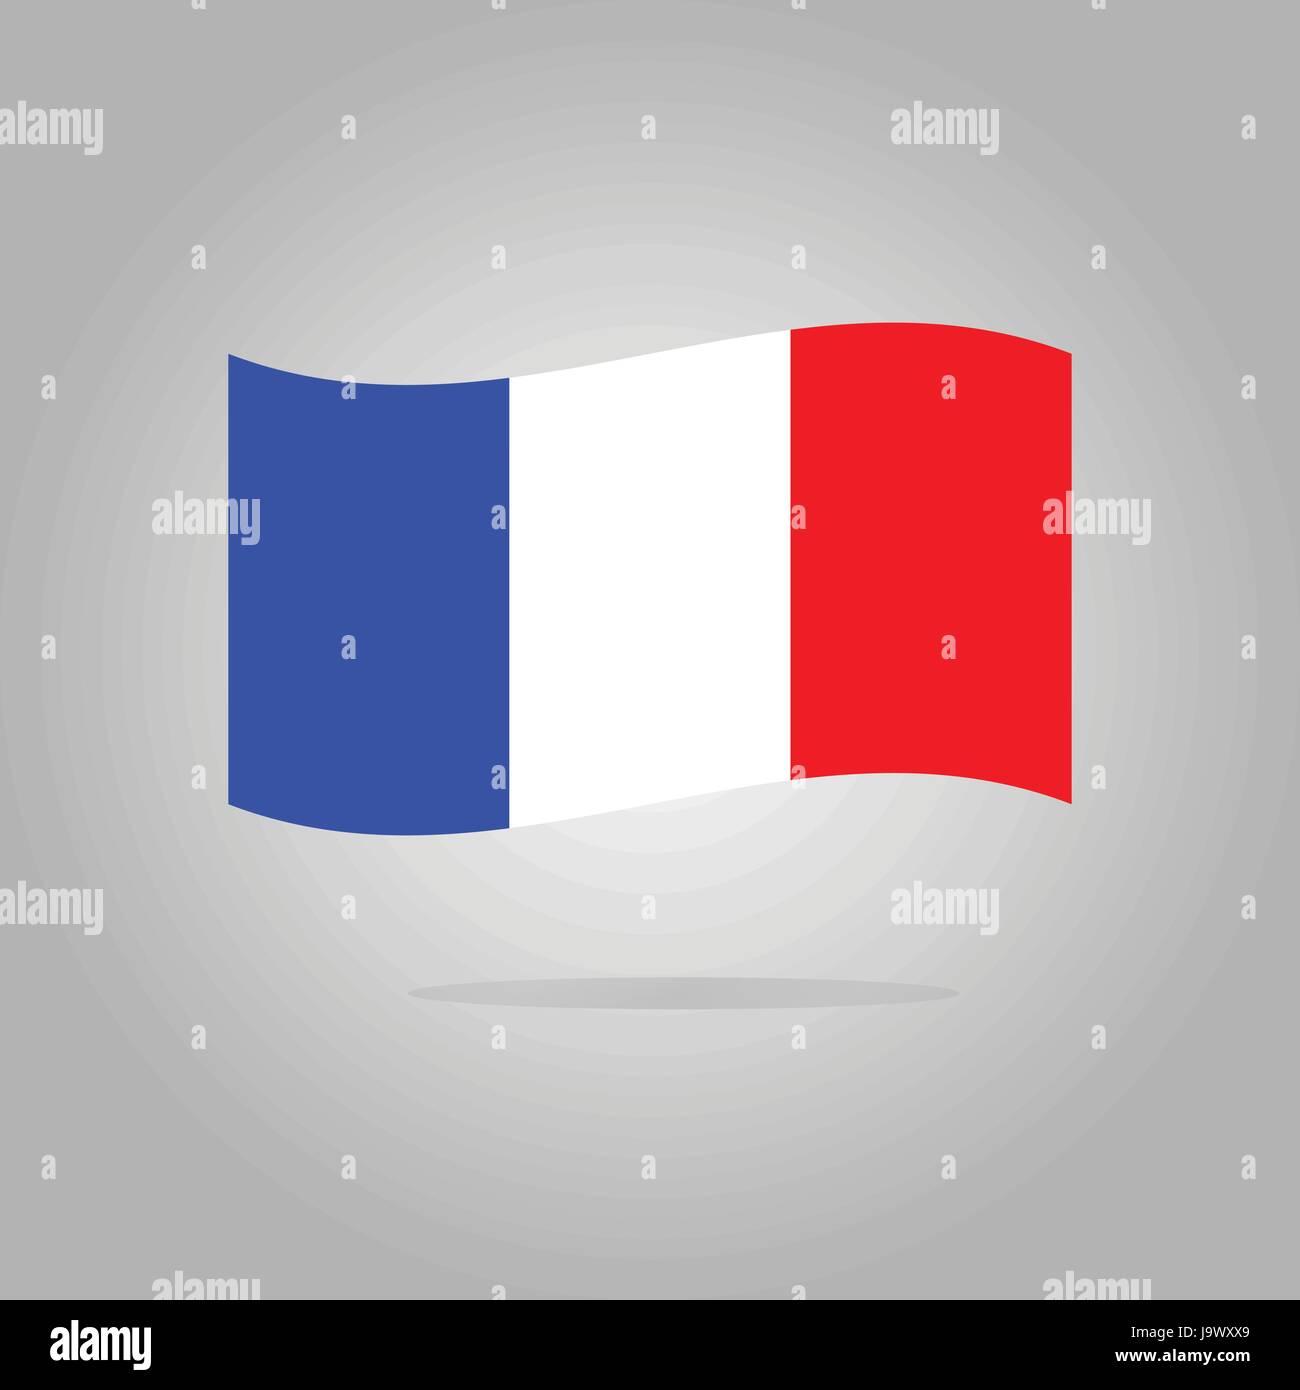 France flag design illustration - Stock Image